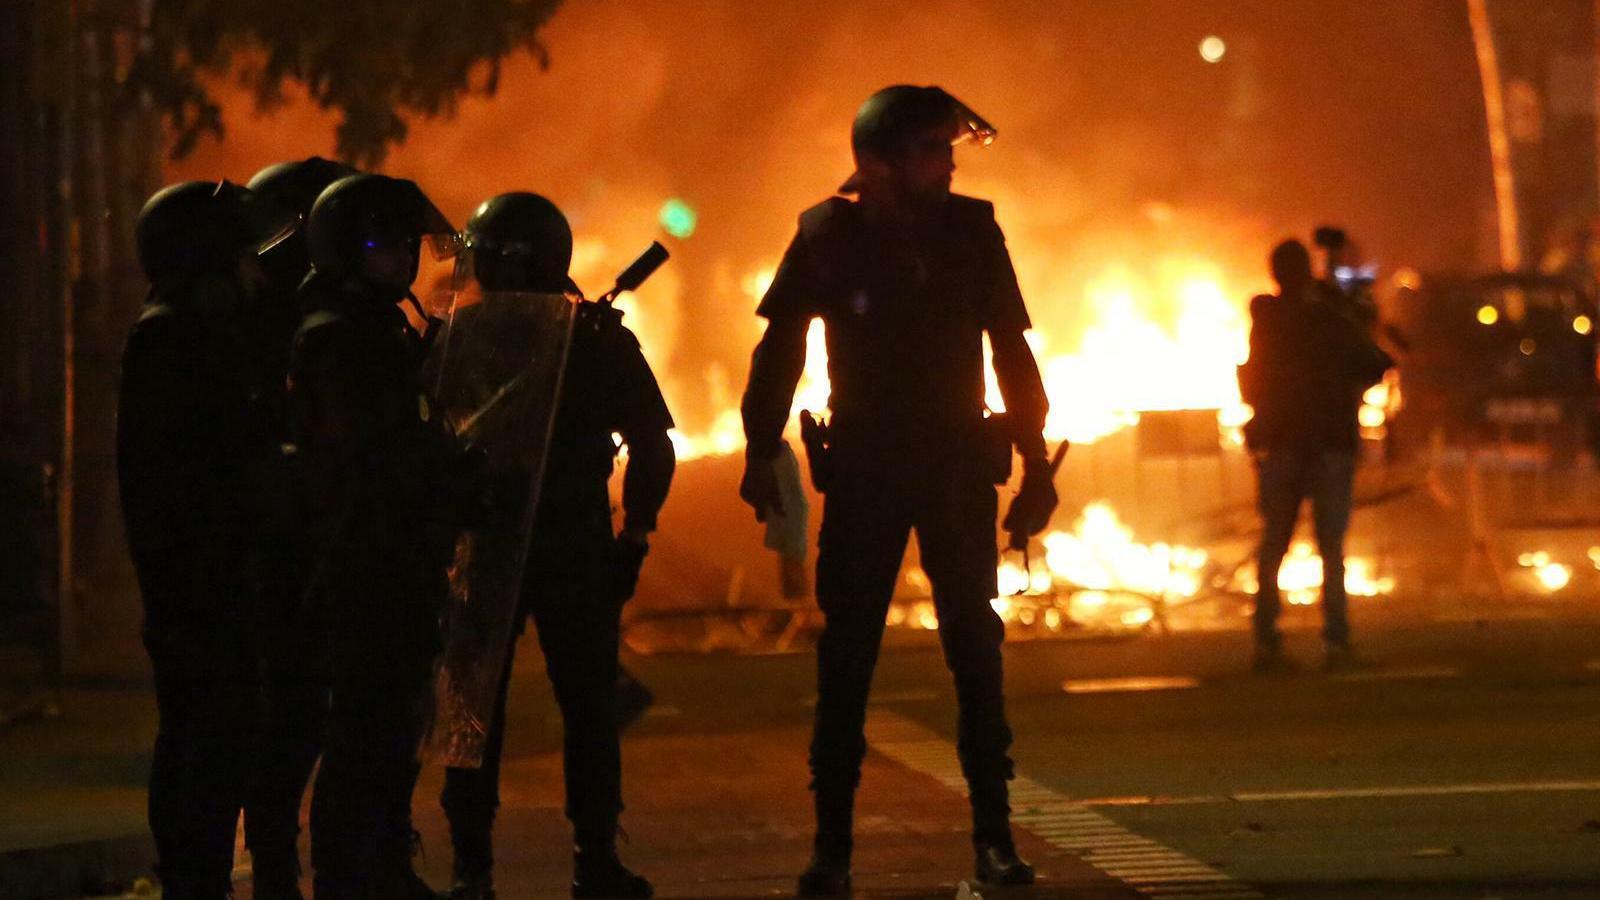 Focs de protesta a Barcelona i Jordi Sànchez acusa Marchena: les claus del dia, amb Antoni Bassas (16/10/2019)